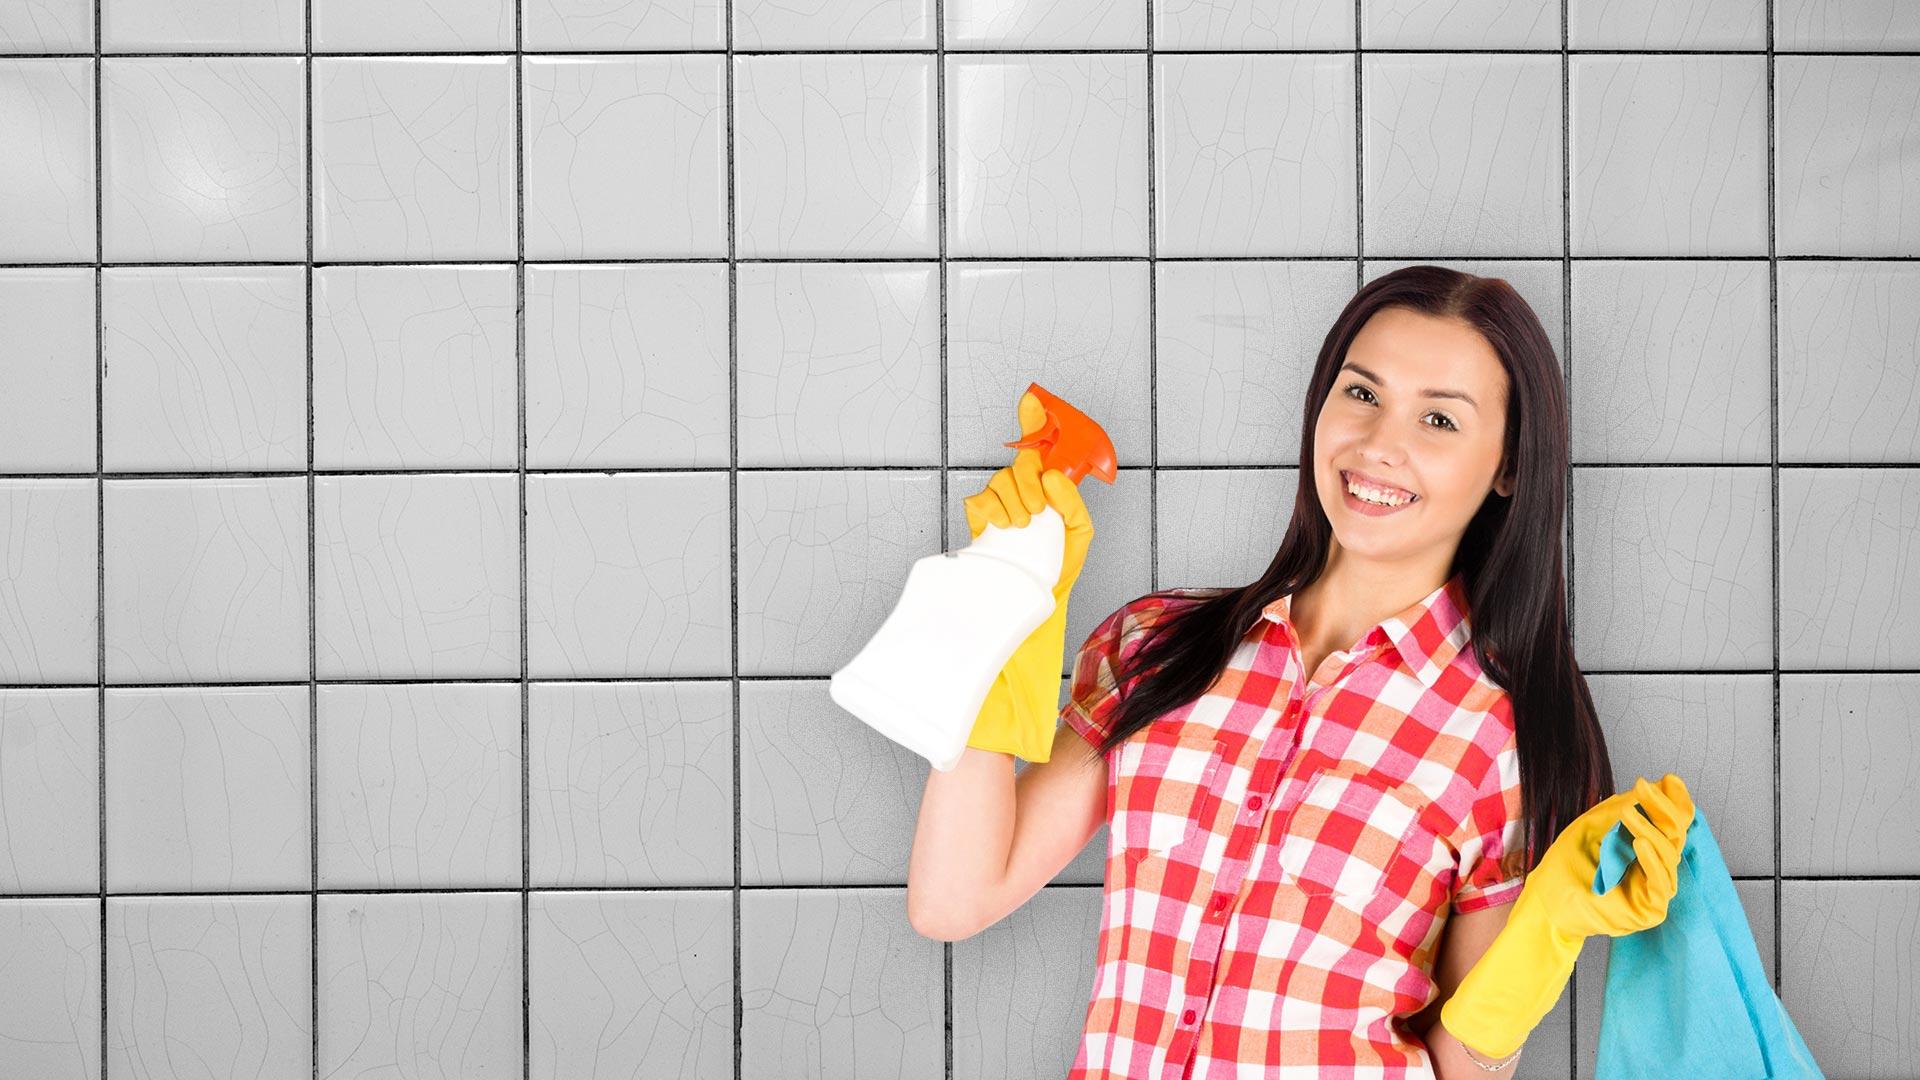 Delo blogpost - pulire la muffa in bagno - blogheader